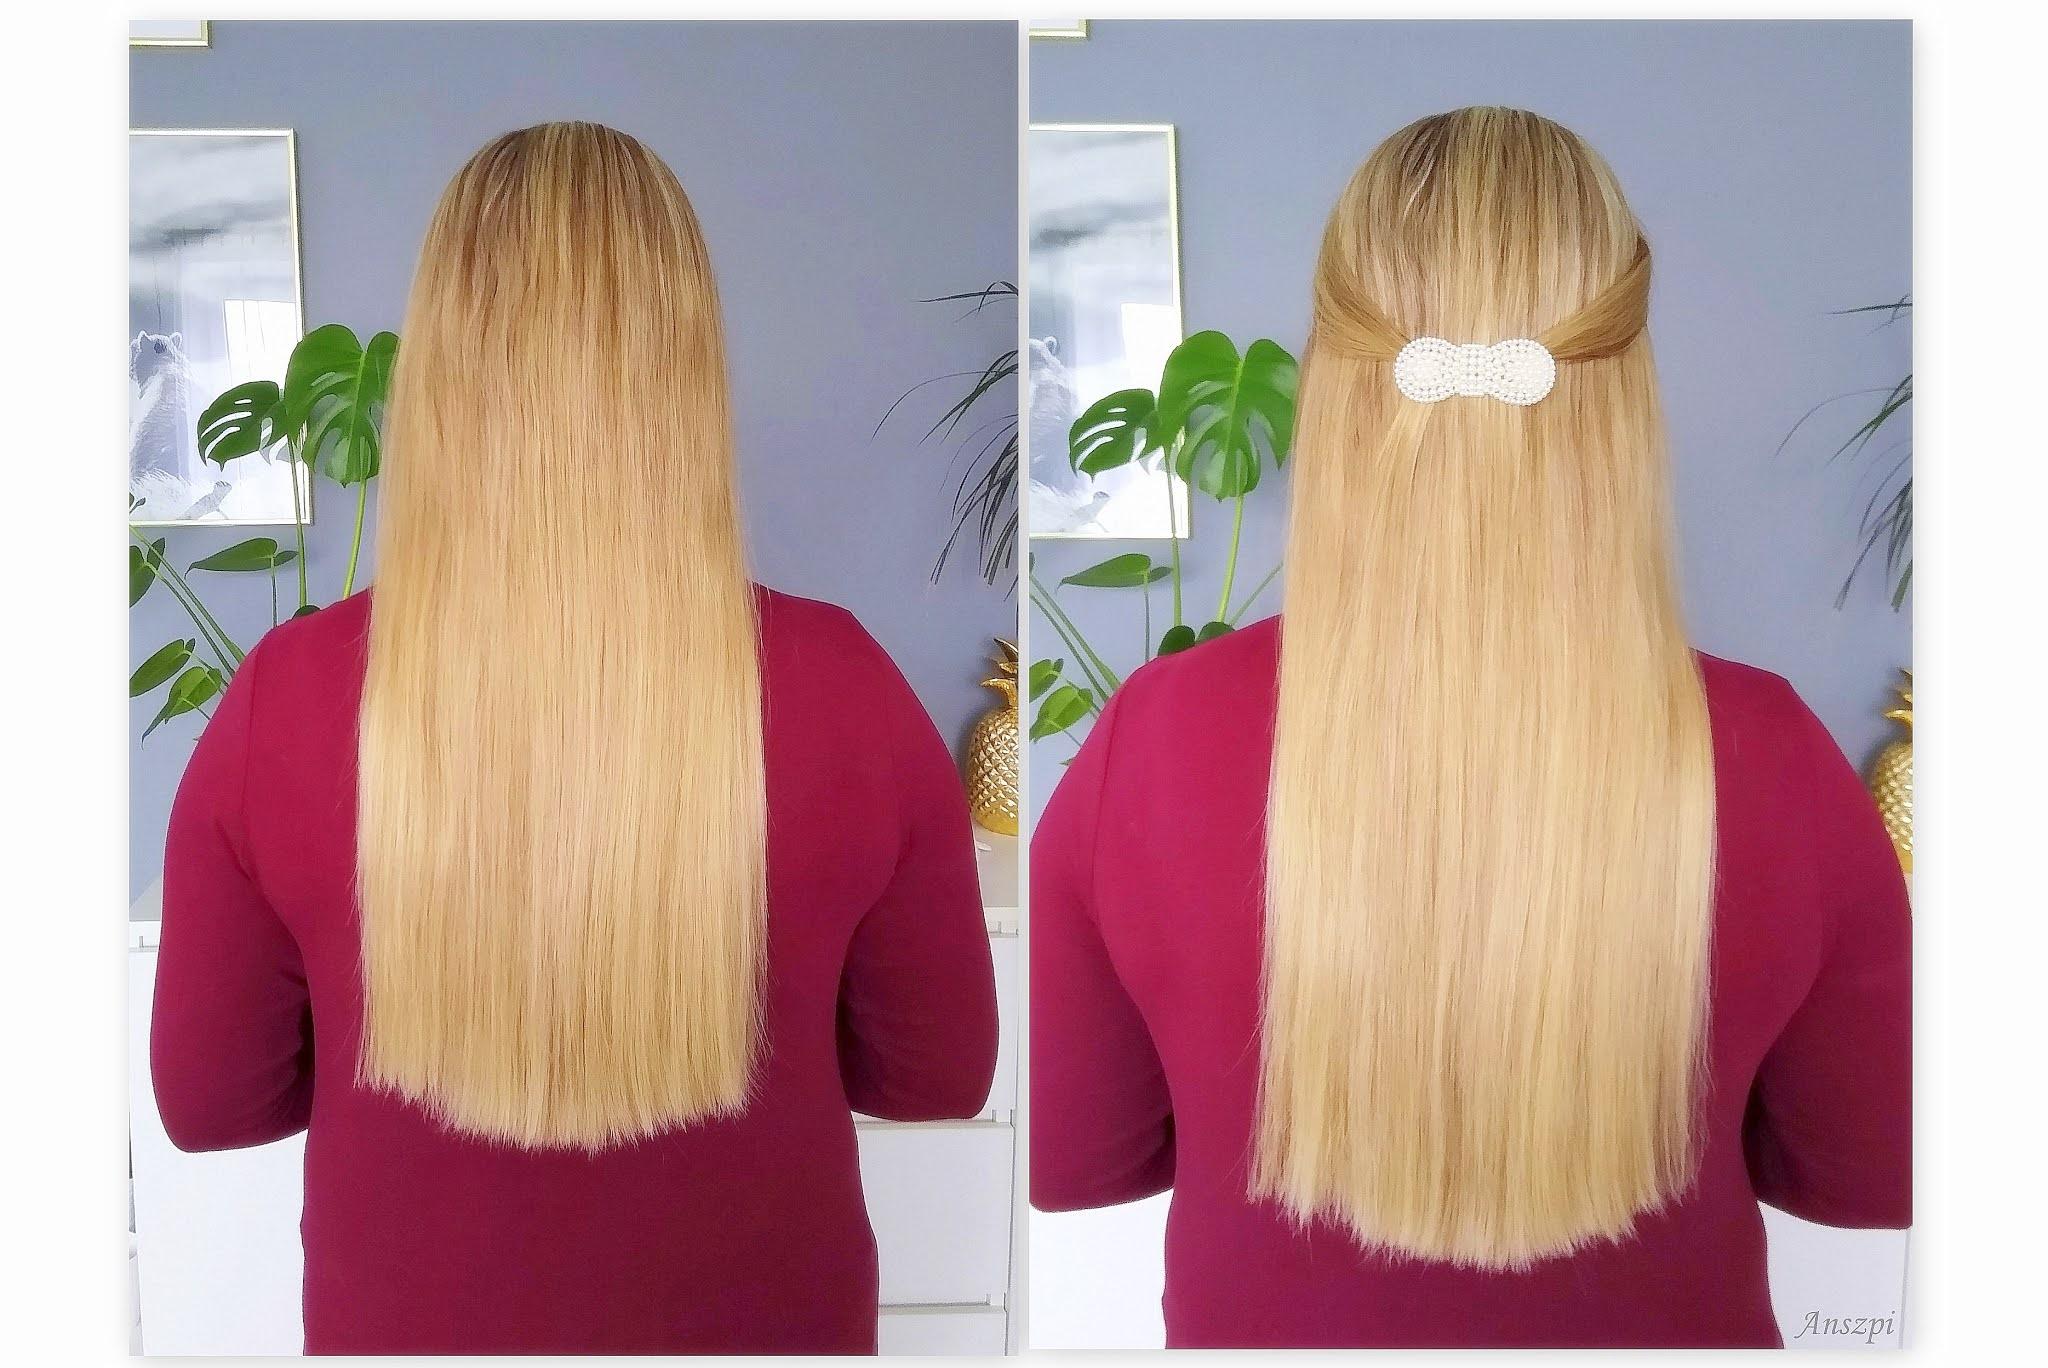 Pielęgnacja włosów po rozjaśnianiu. Moje sprawdzone sposoby